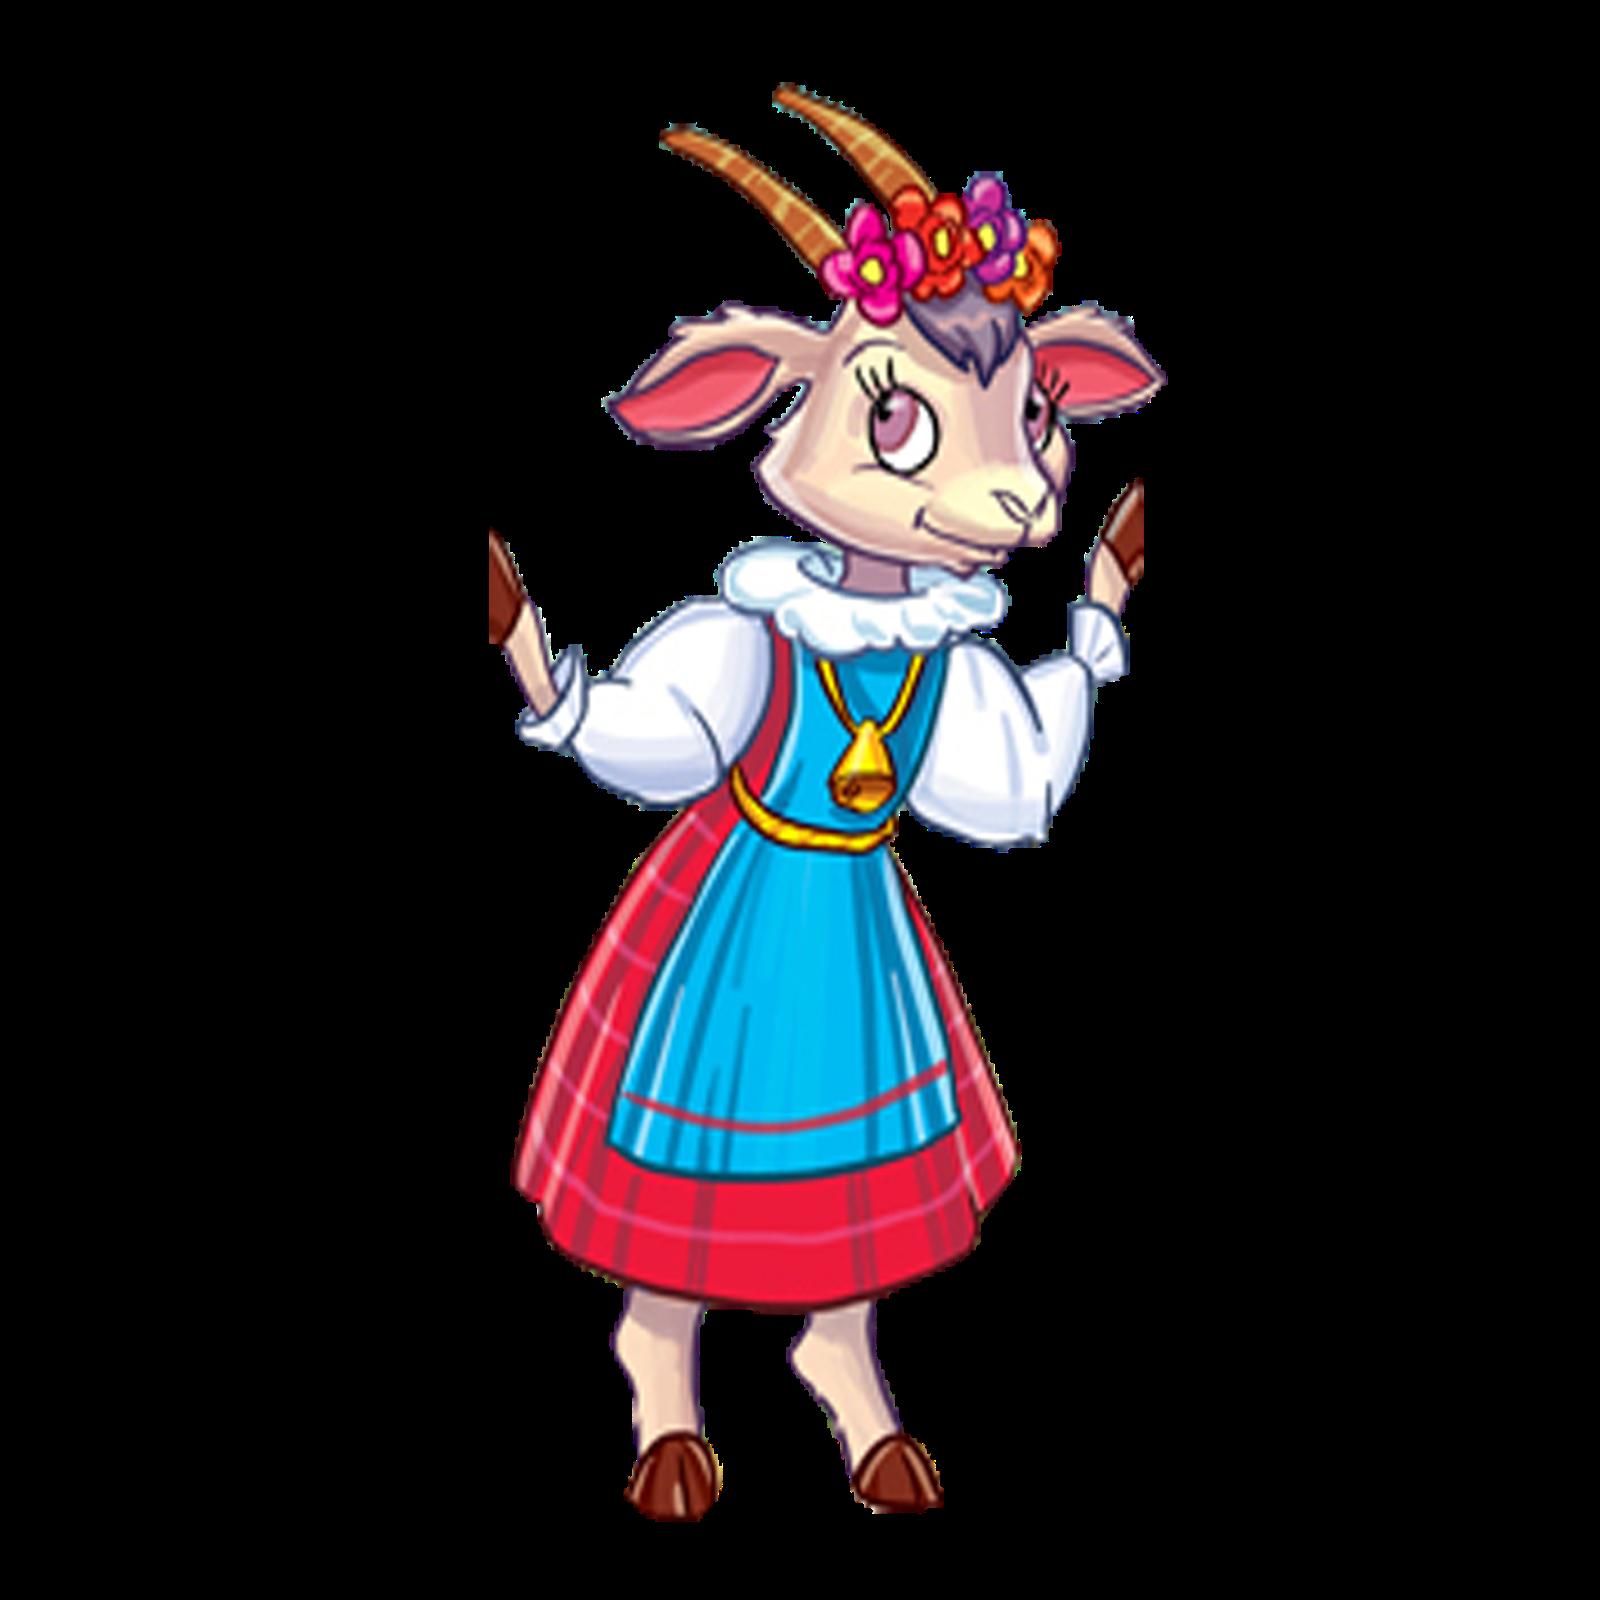 Картинка коза с козленком из сказки